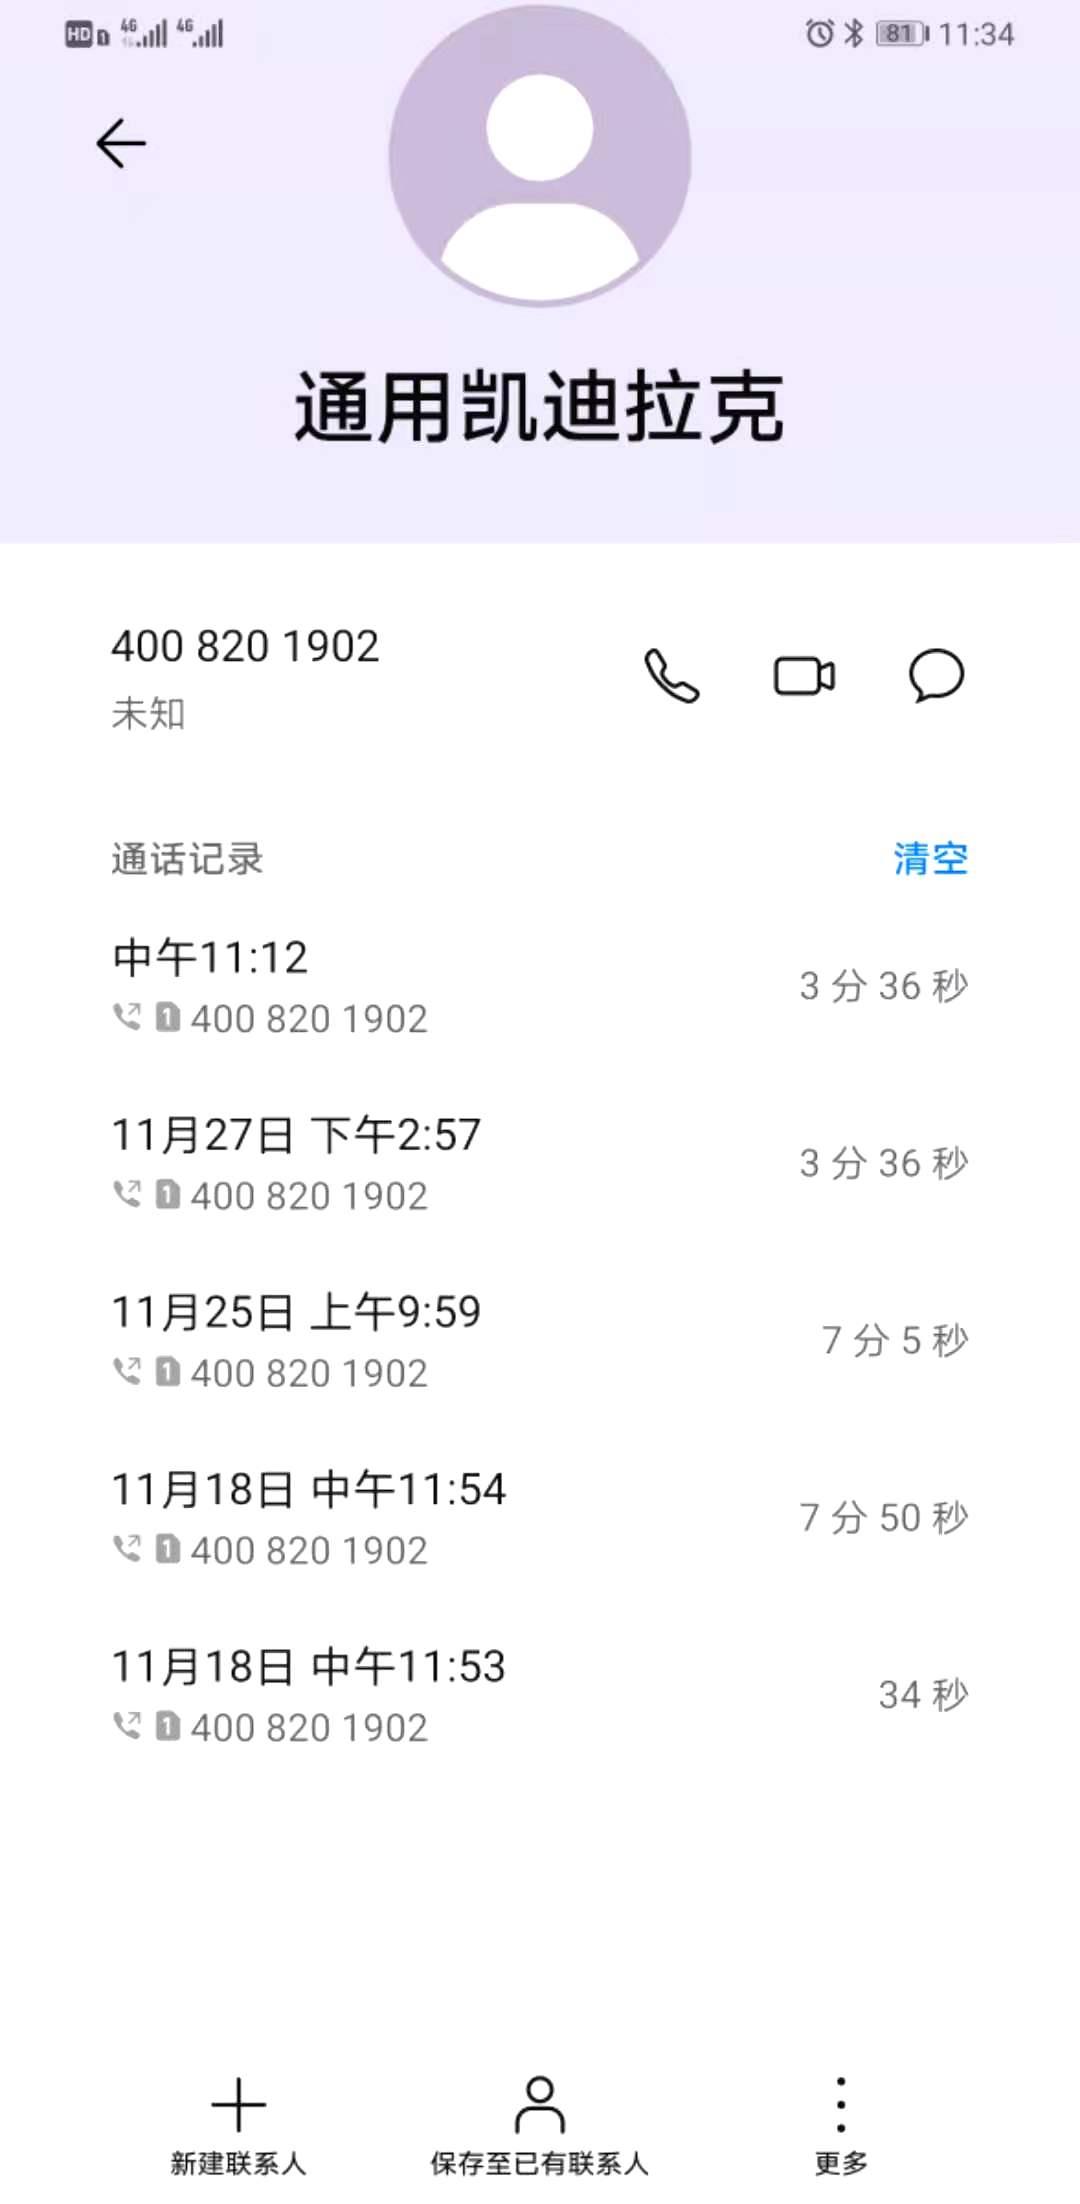 凯迪拉克-凯迪拉克XT4 答应赠送的原厂三代流媒体迟迟不赠送